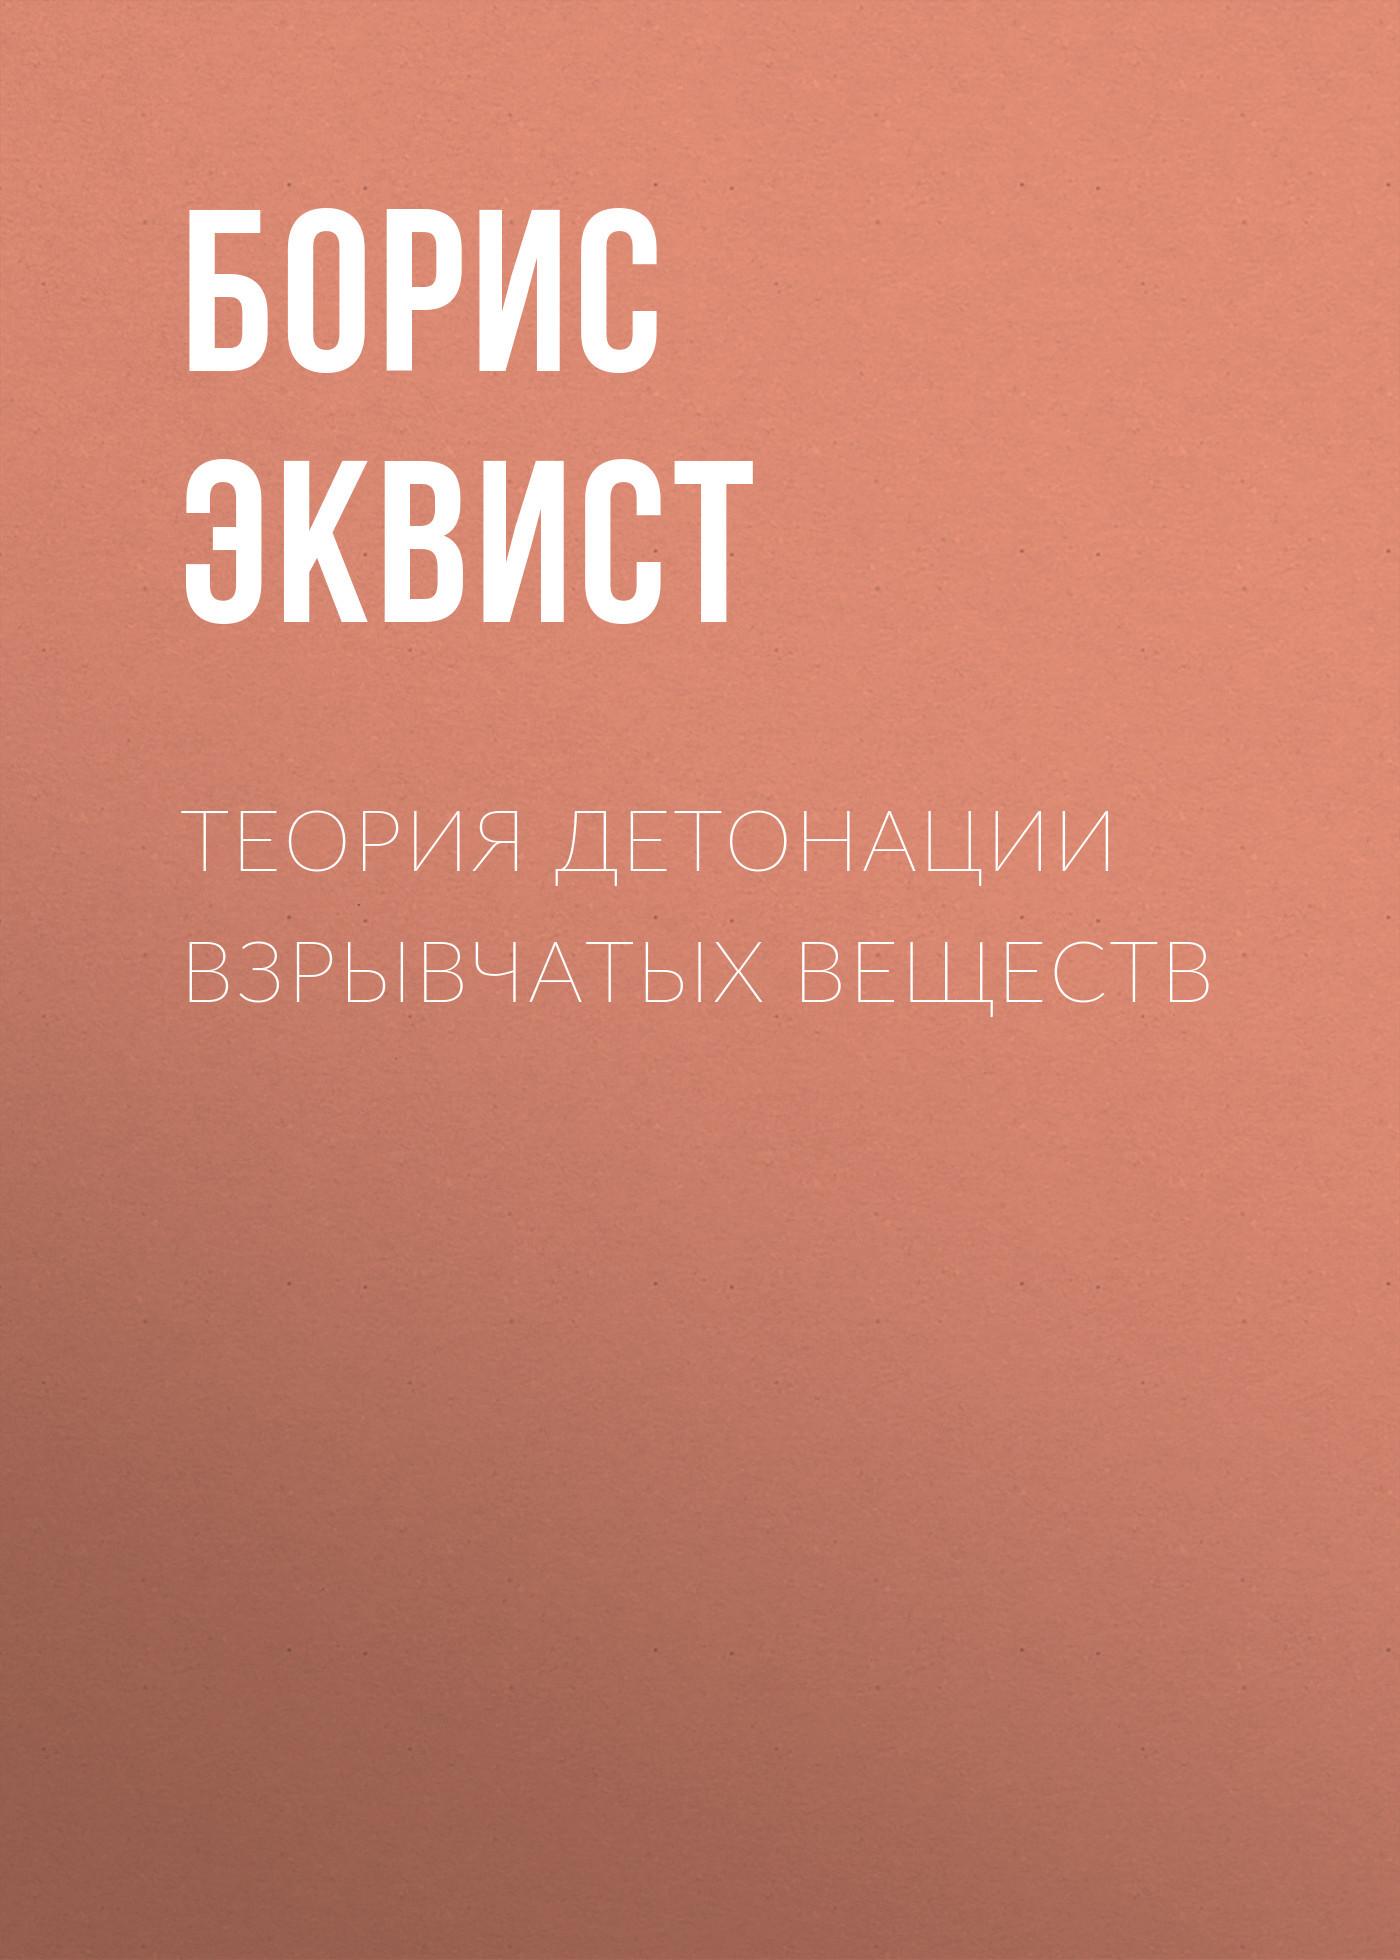 Борис Эквист. Теория детонации взрывчатых веществ